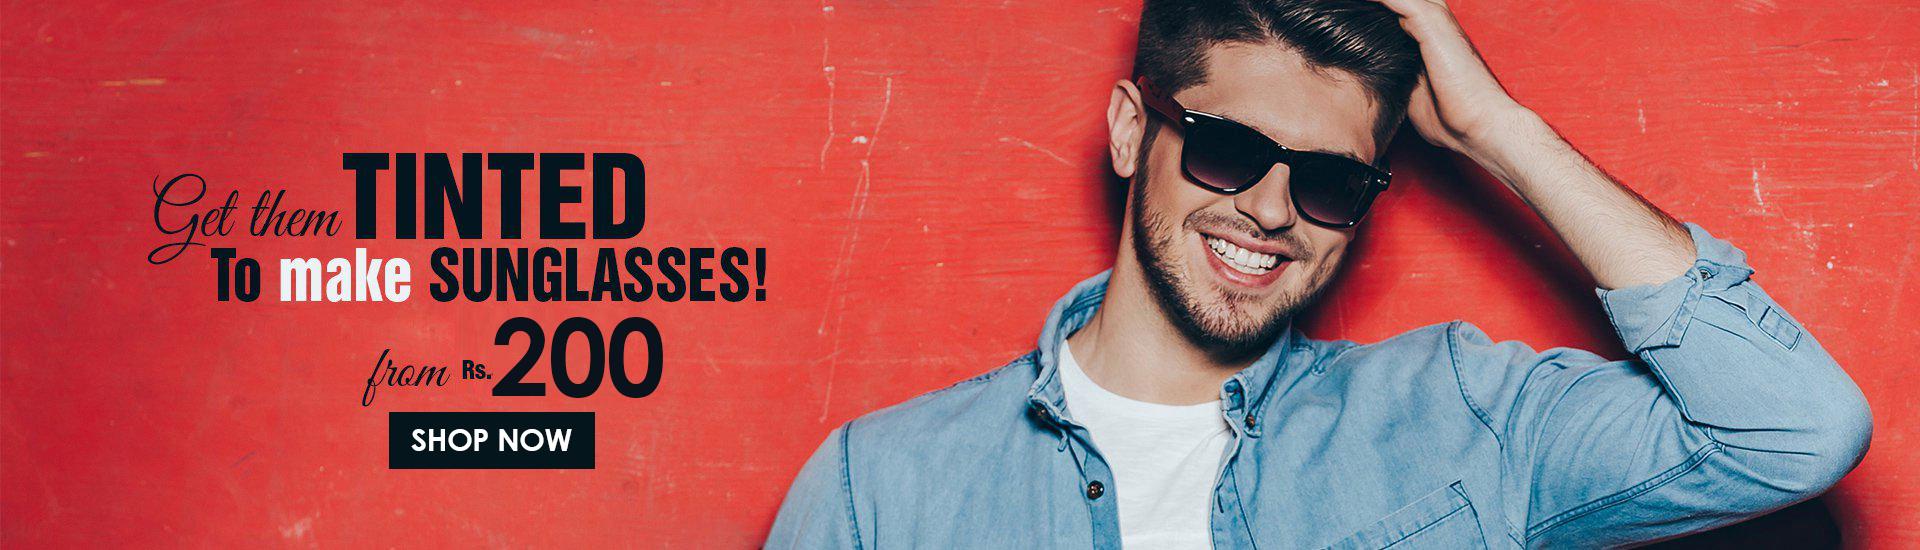 Buy Prescription Sunglasses Online - Eyeglasses.pk